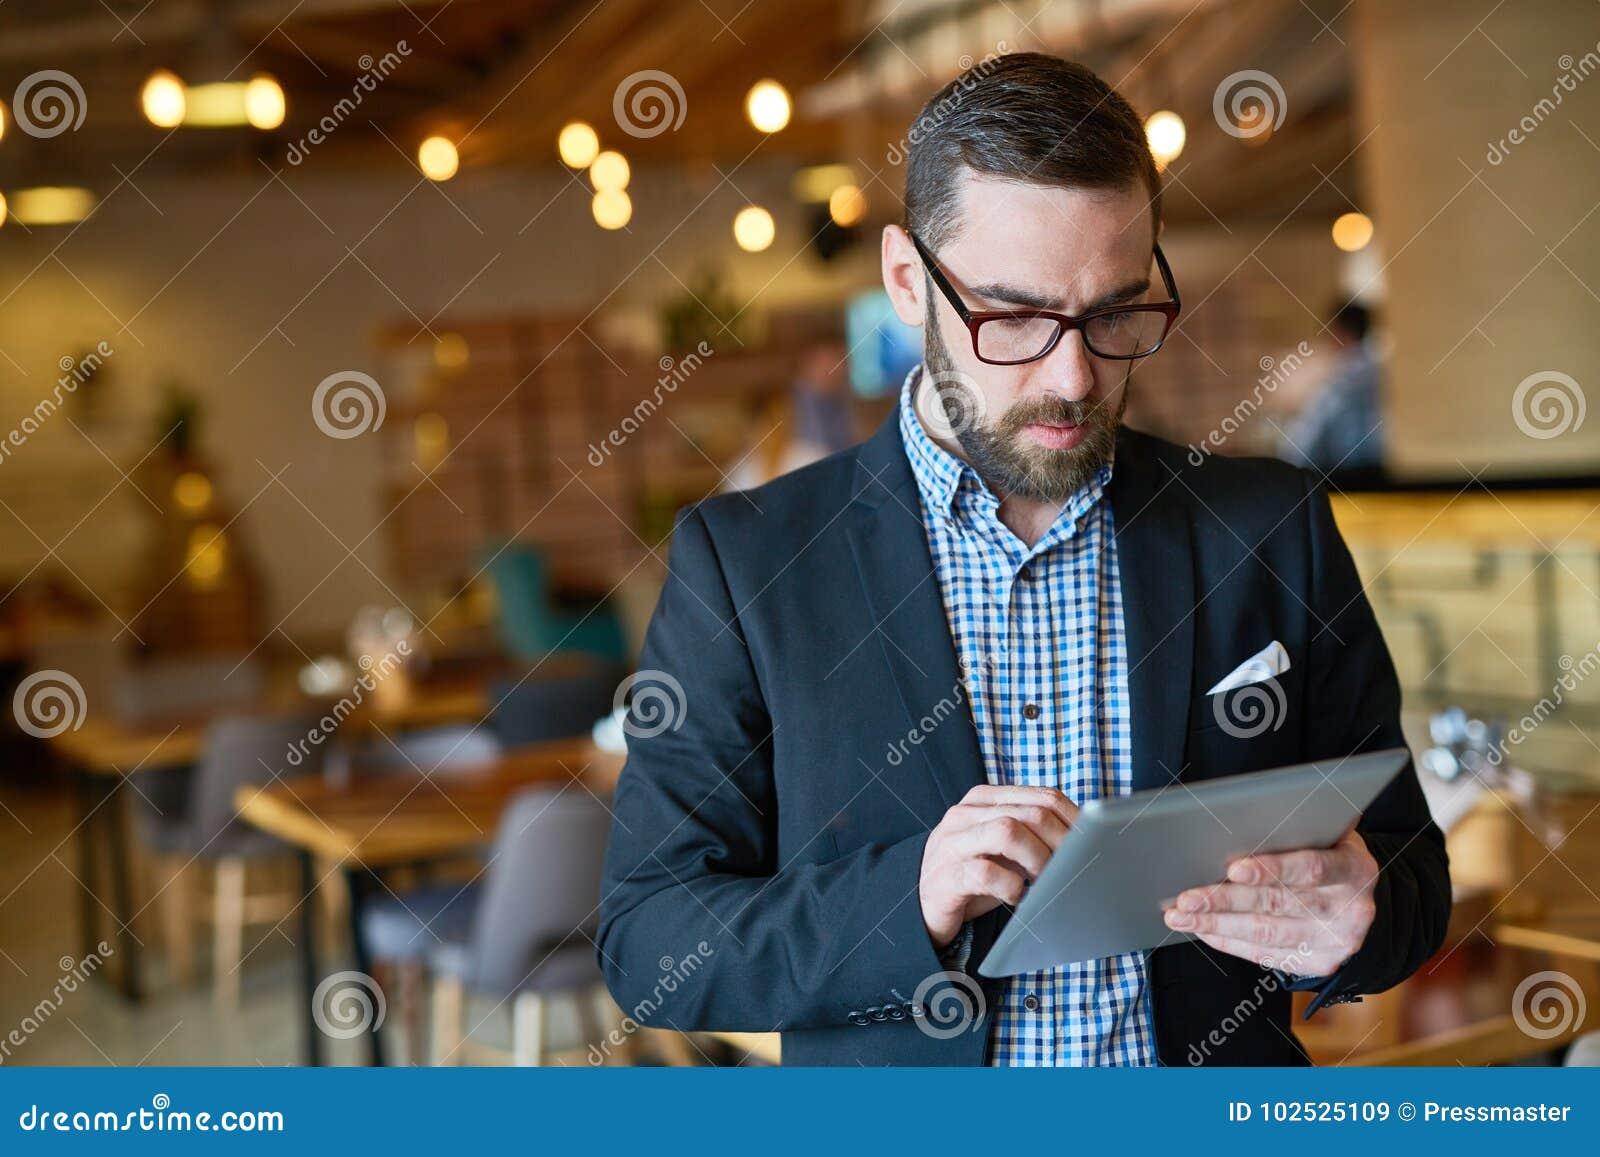 Gebaarde Manager Using Digital Tablet